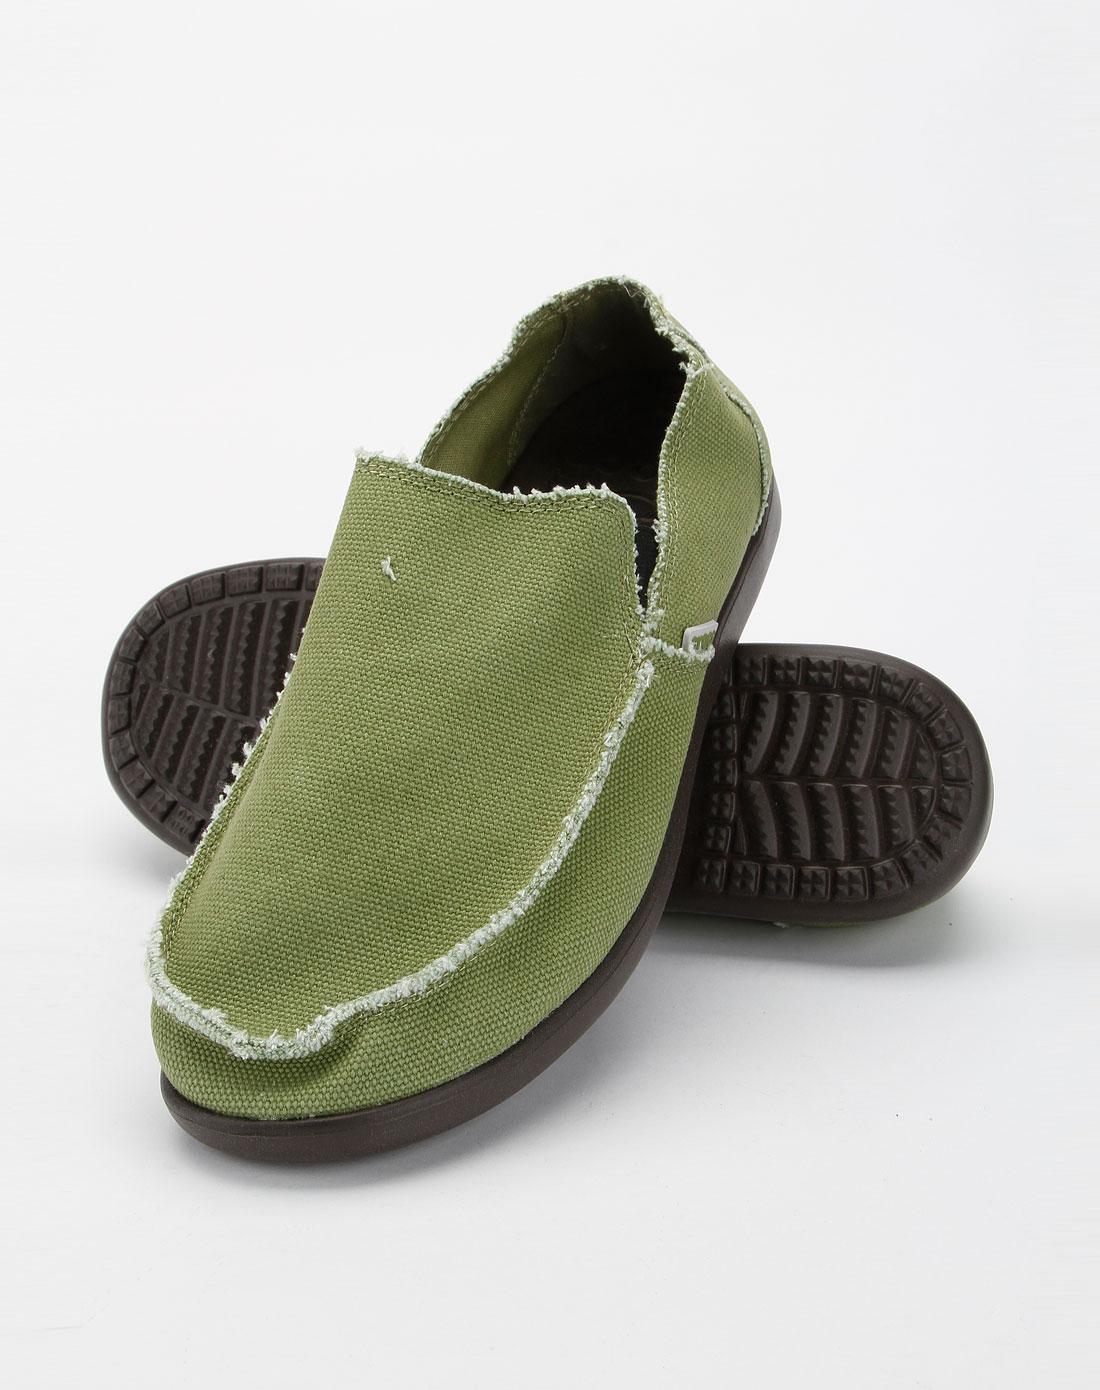 卡骆驰crocs男女男款蜥蜴绿色圣克鲁兹休闲鞋10128